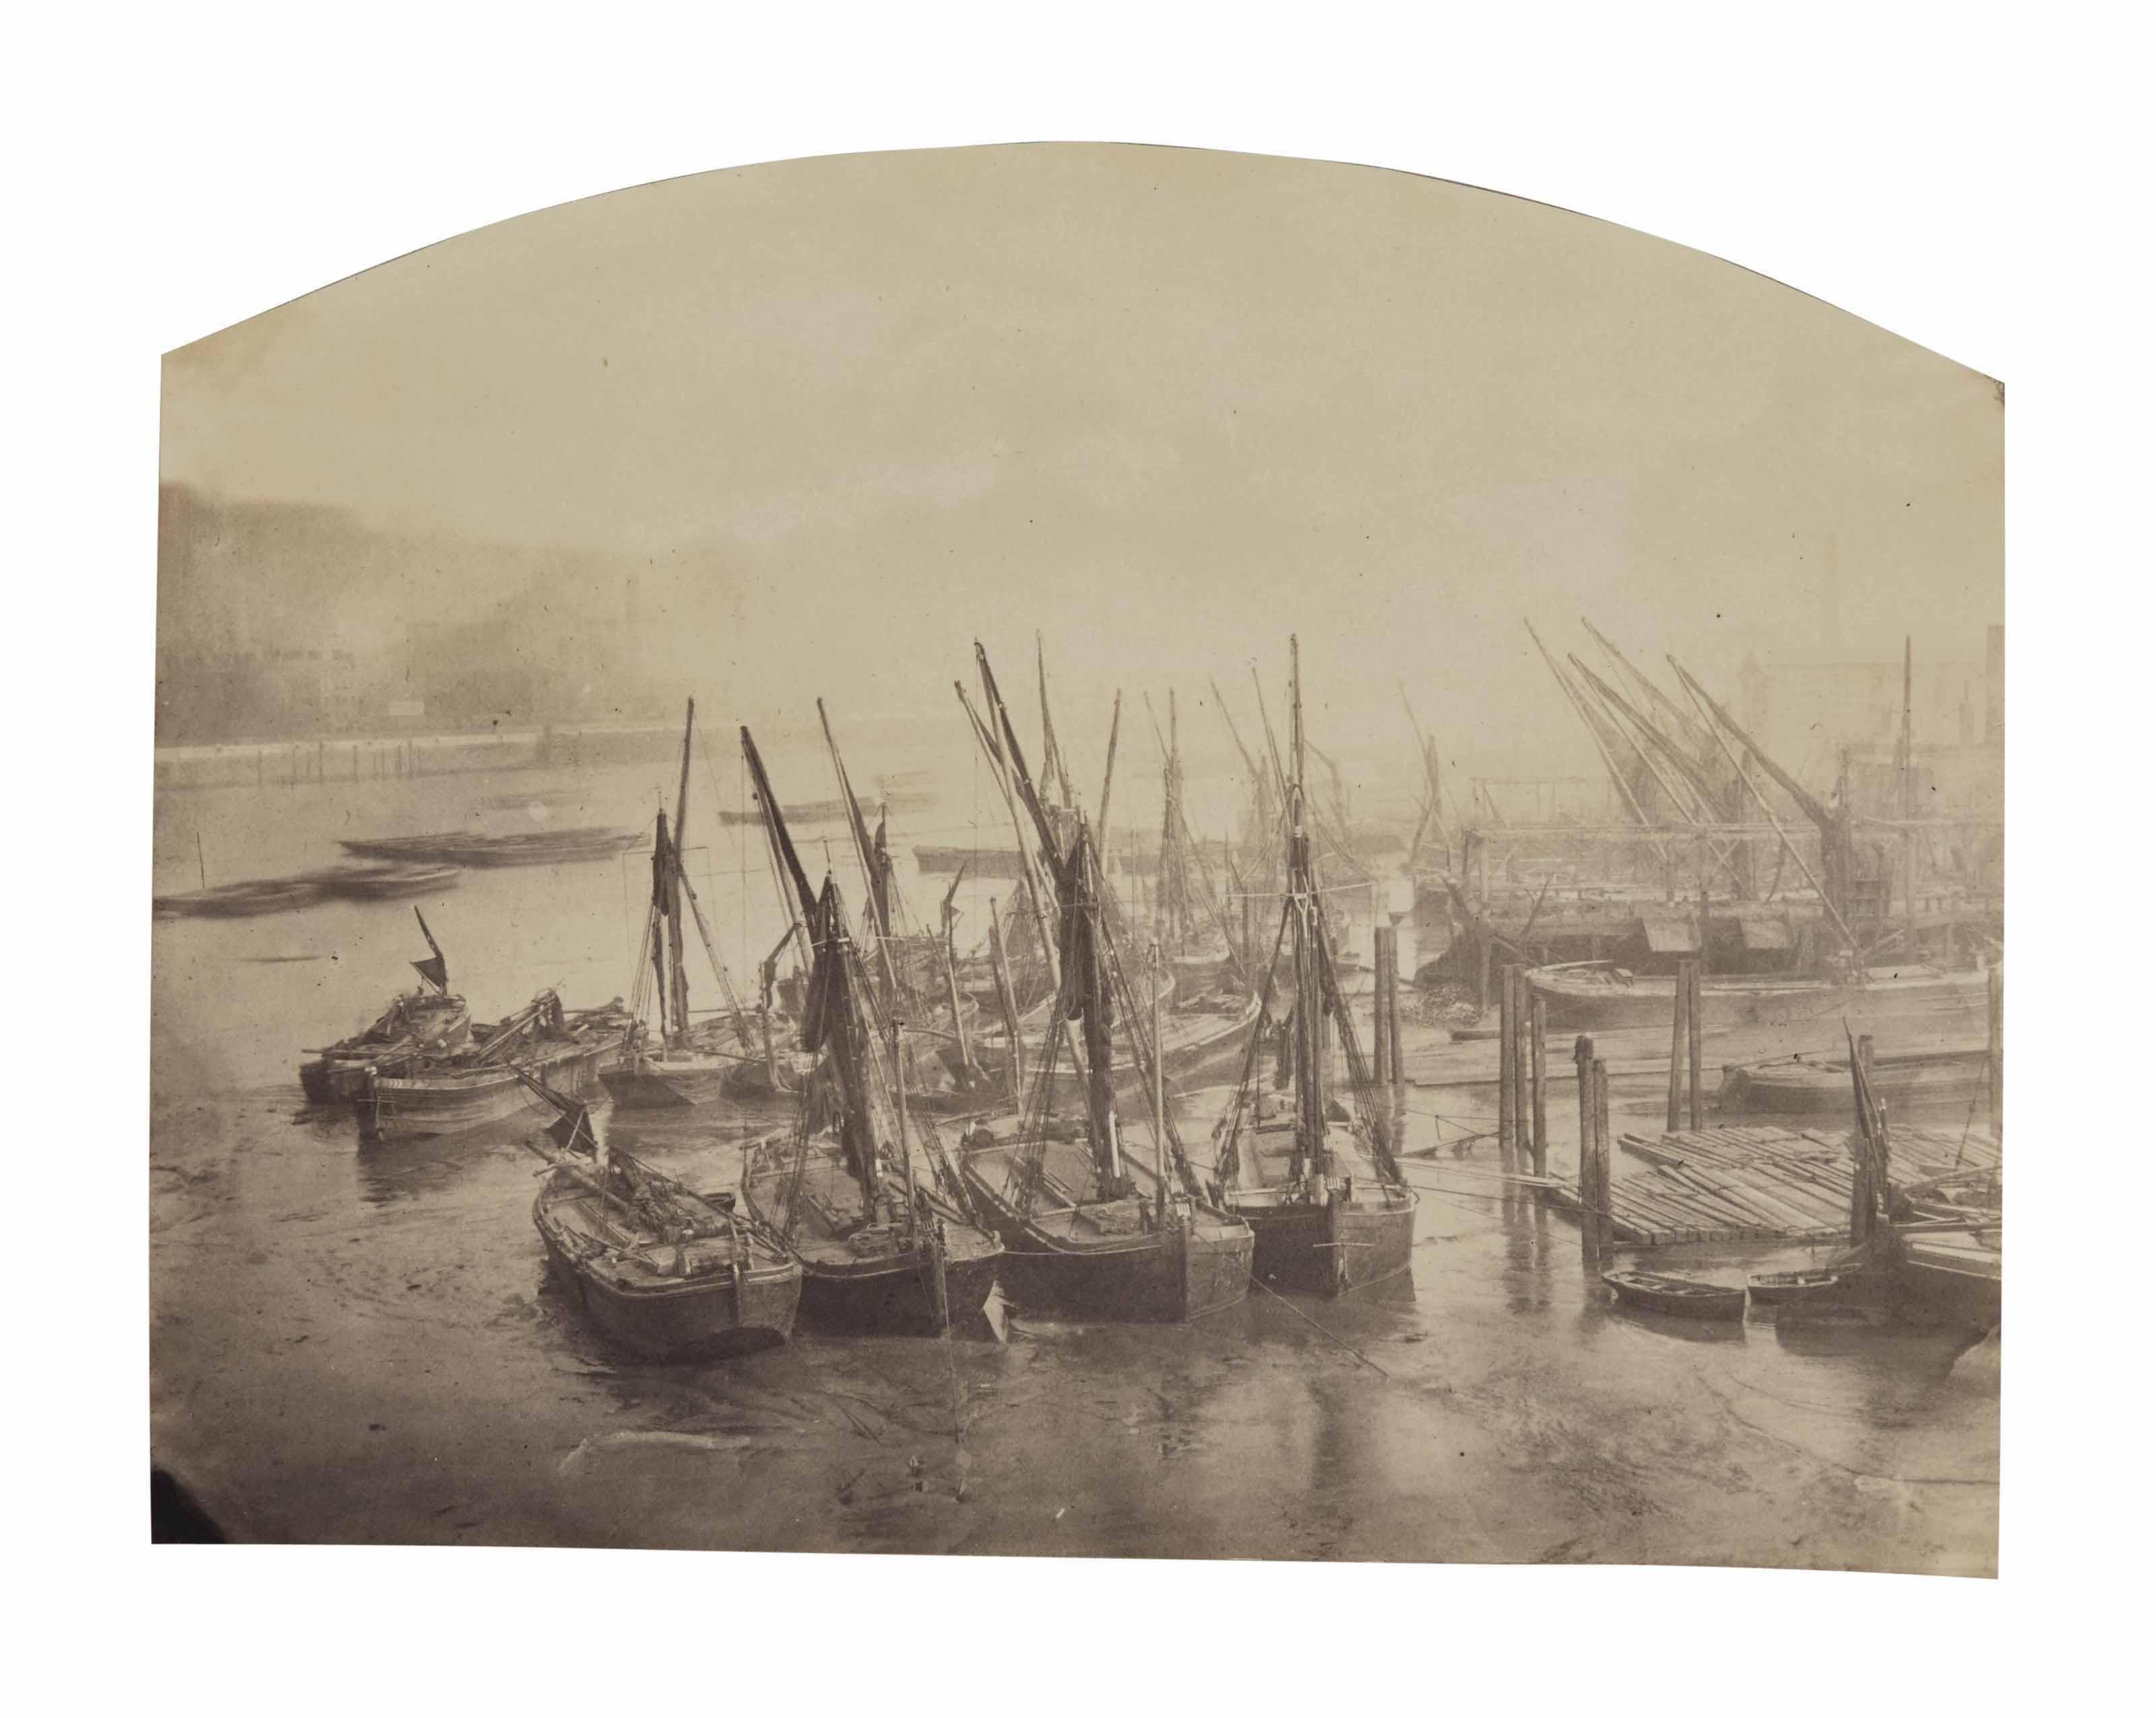 Londres : vues de la Tamise, c. 1870